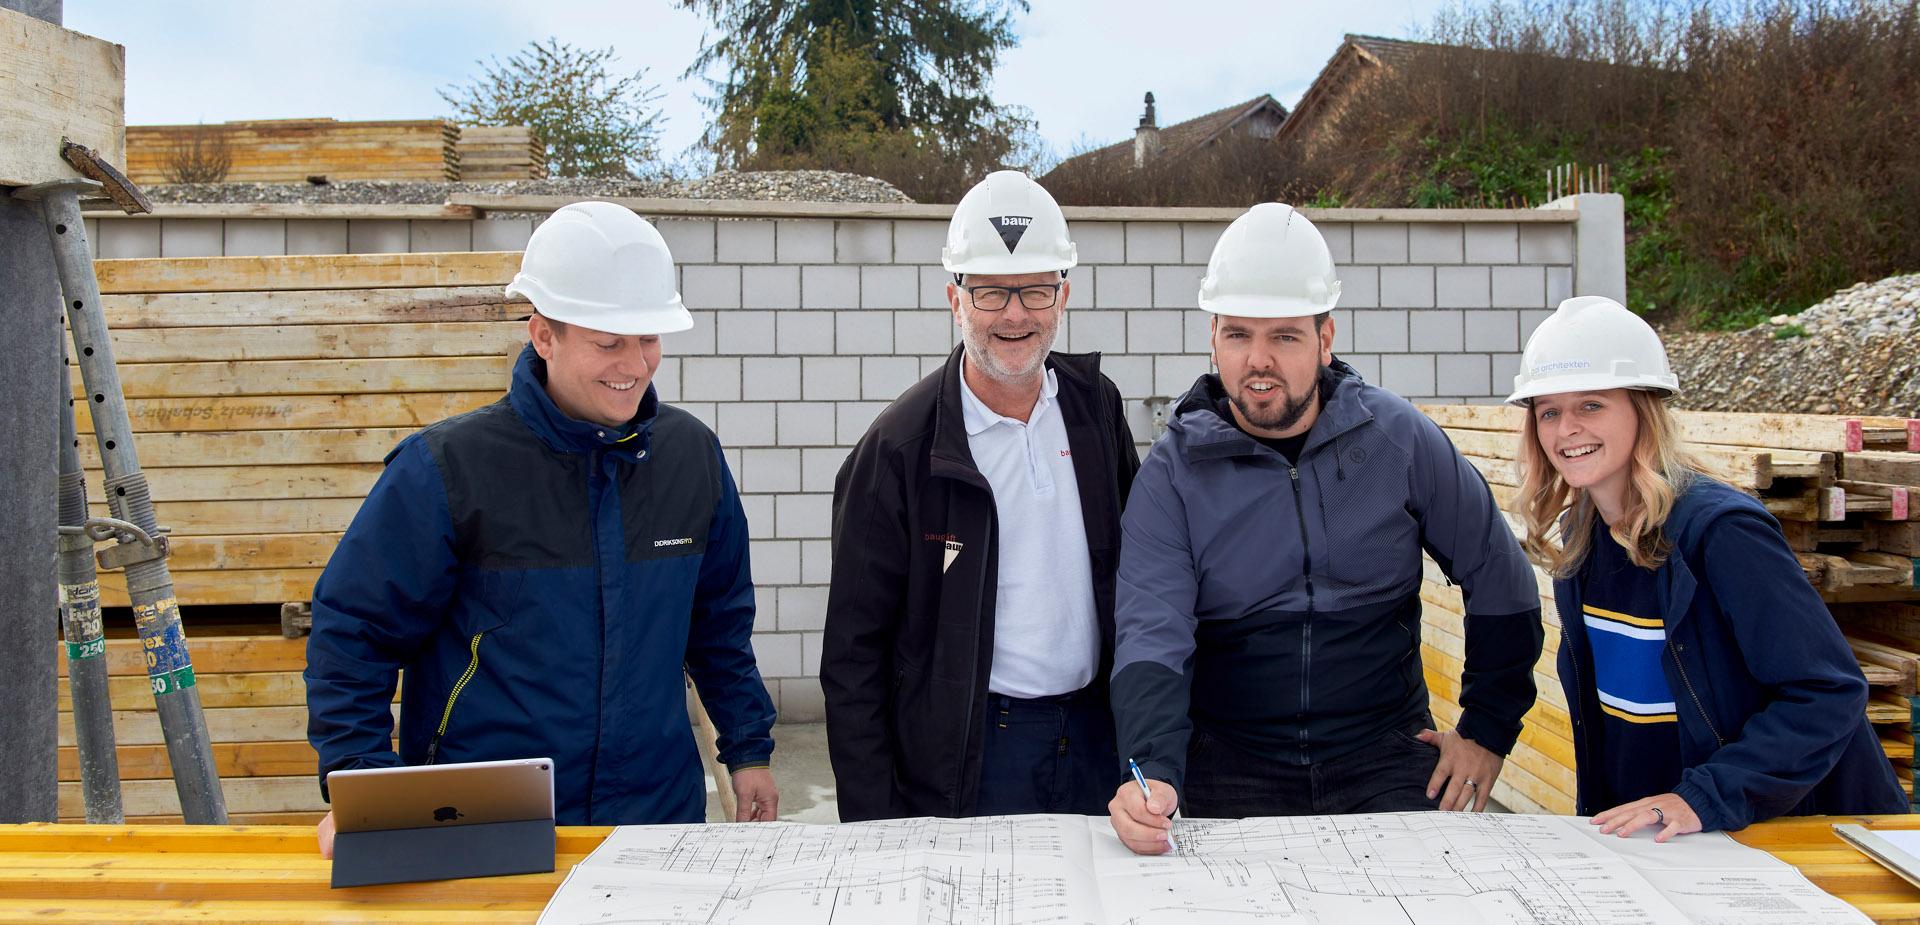 Leistungen - Baur Baugeschäft GmbH